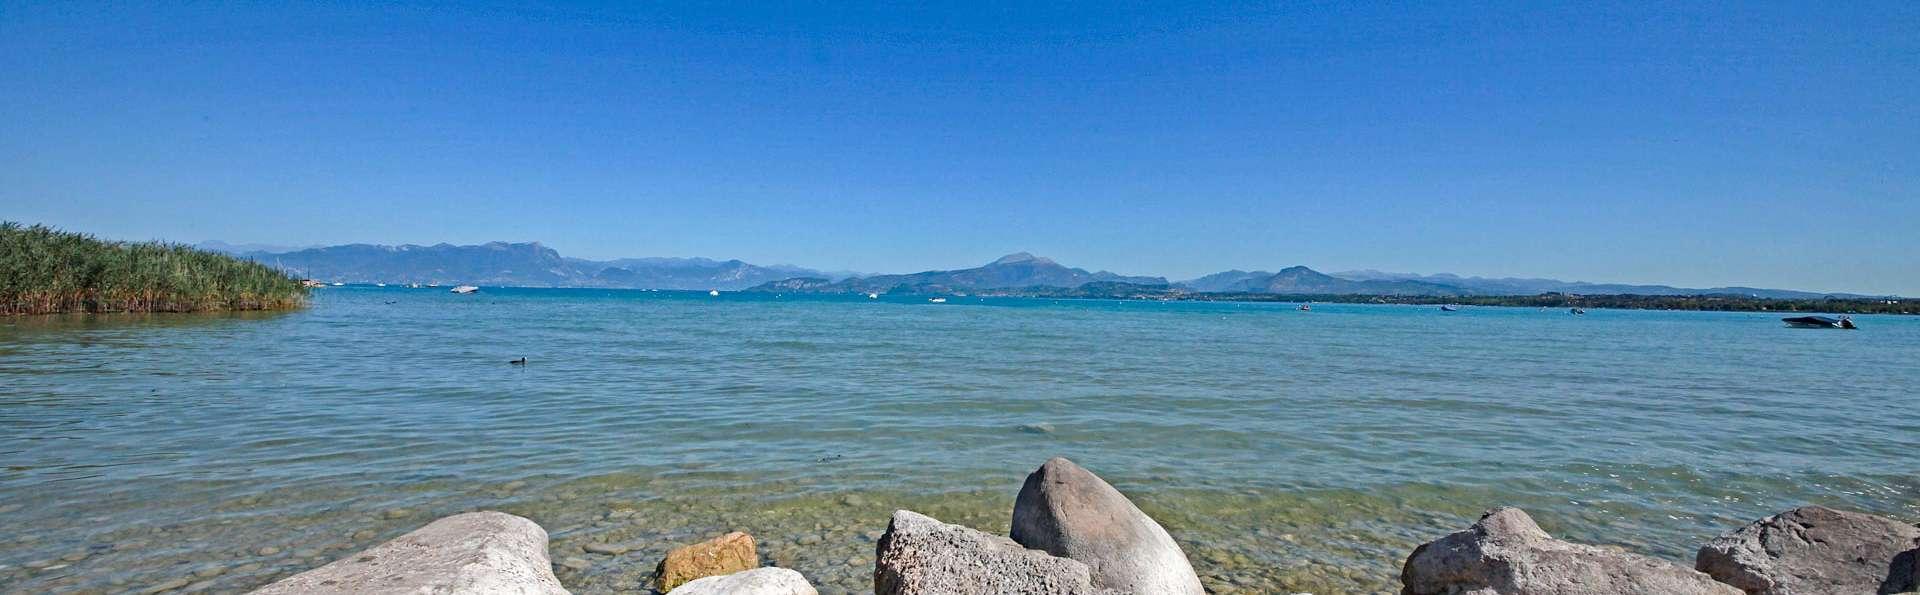 Villaggio Turistico Camping San Benedetto Vecchio Mulino - EDIT_SURROUNDING_02.jpg